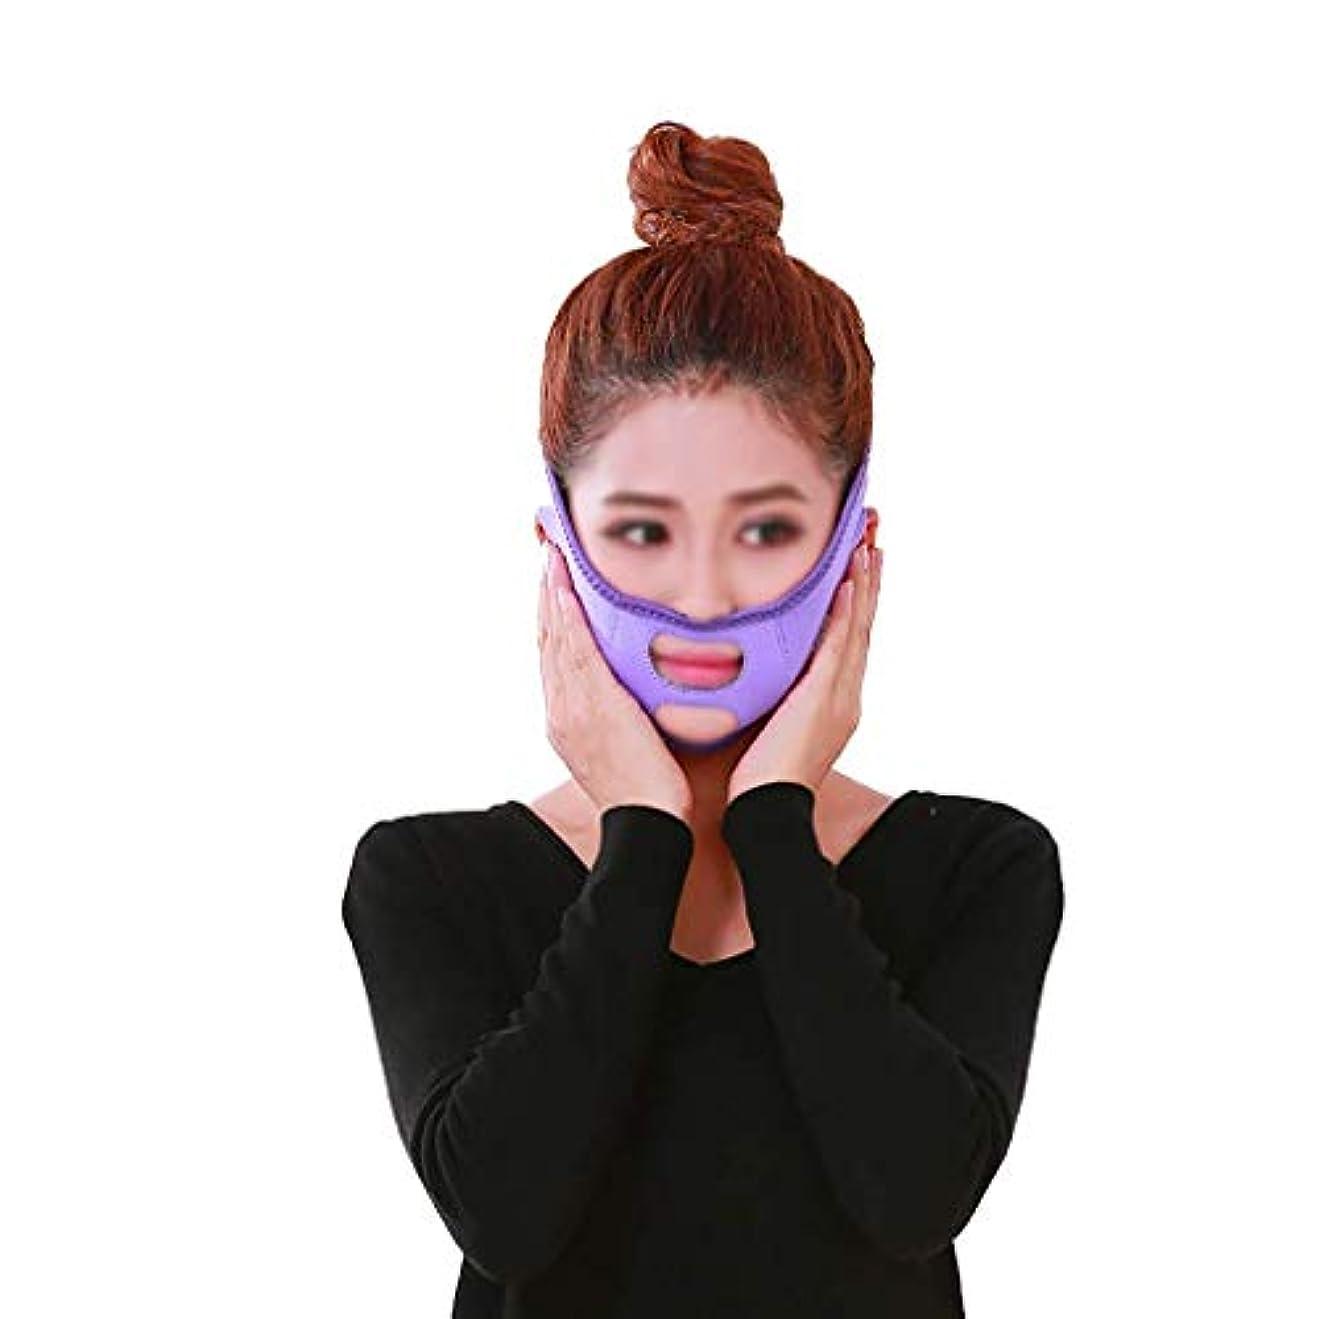 ドラマ鉄小切手フェイスリフトフェイシャル、肌のリラクゼーションを防ぐタイトなVフェイスマスクVフェイスアーティファクトフェイスリフトバンデージフェイスケア(色:紫)